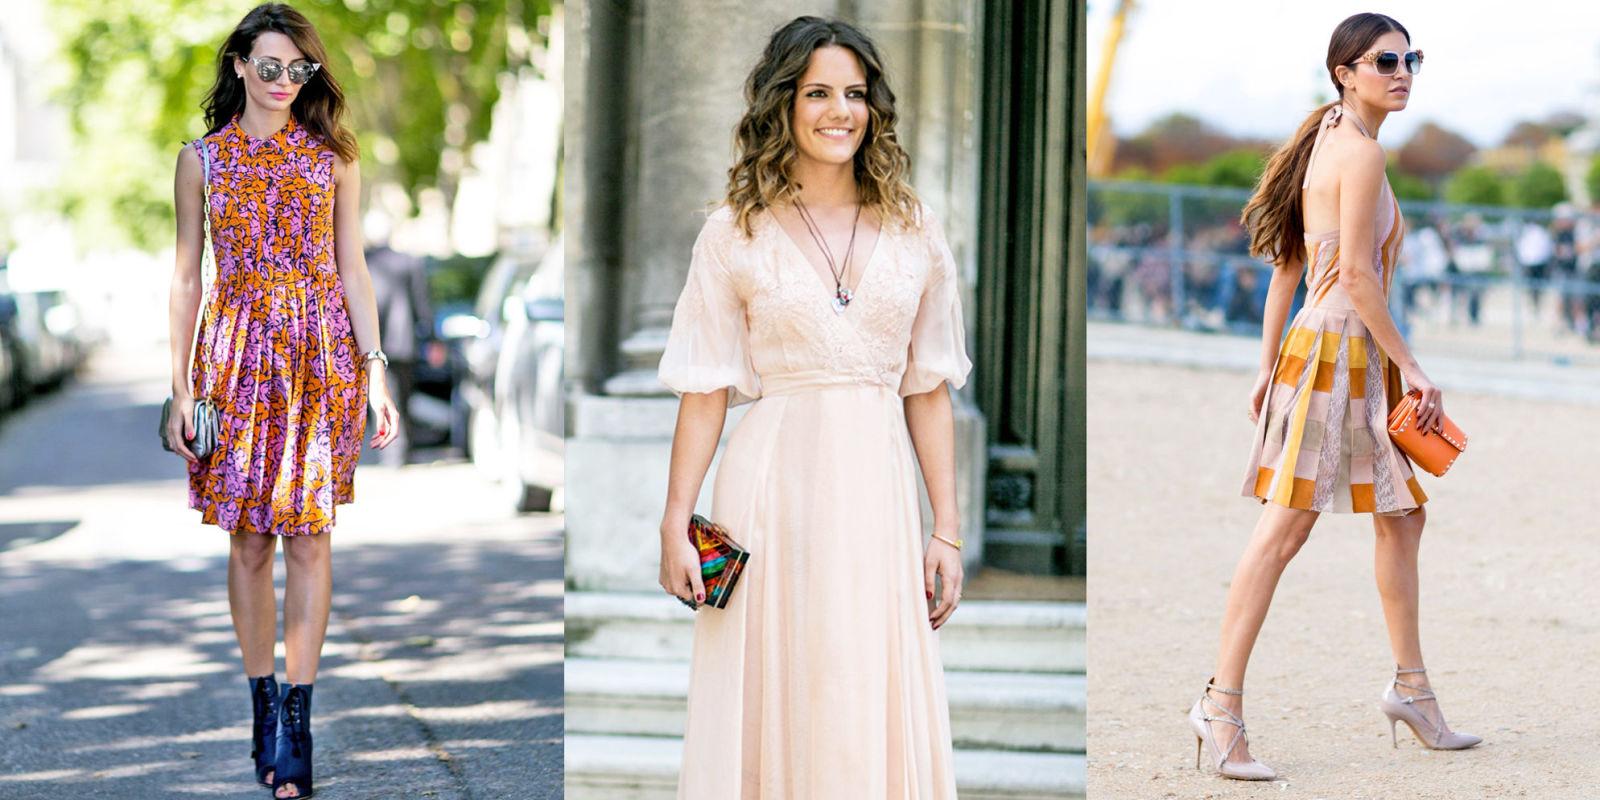 Matrimonio In Primavera Outfit : Outfit matrimonio per l invitata i look moda primavera